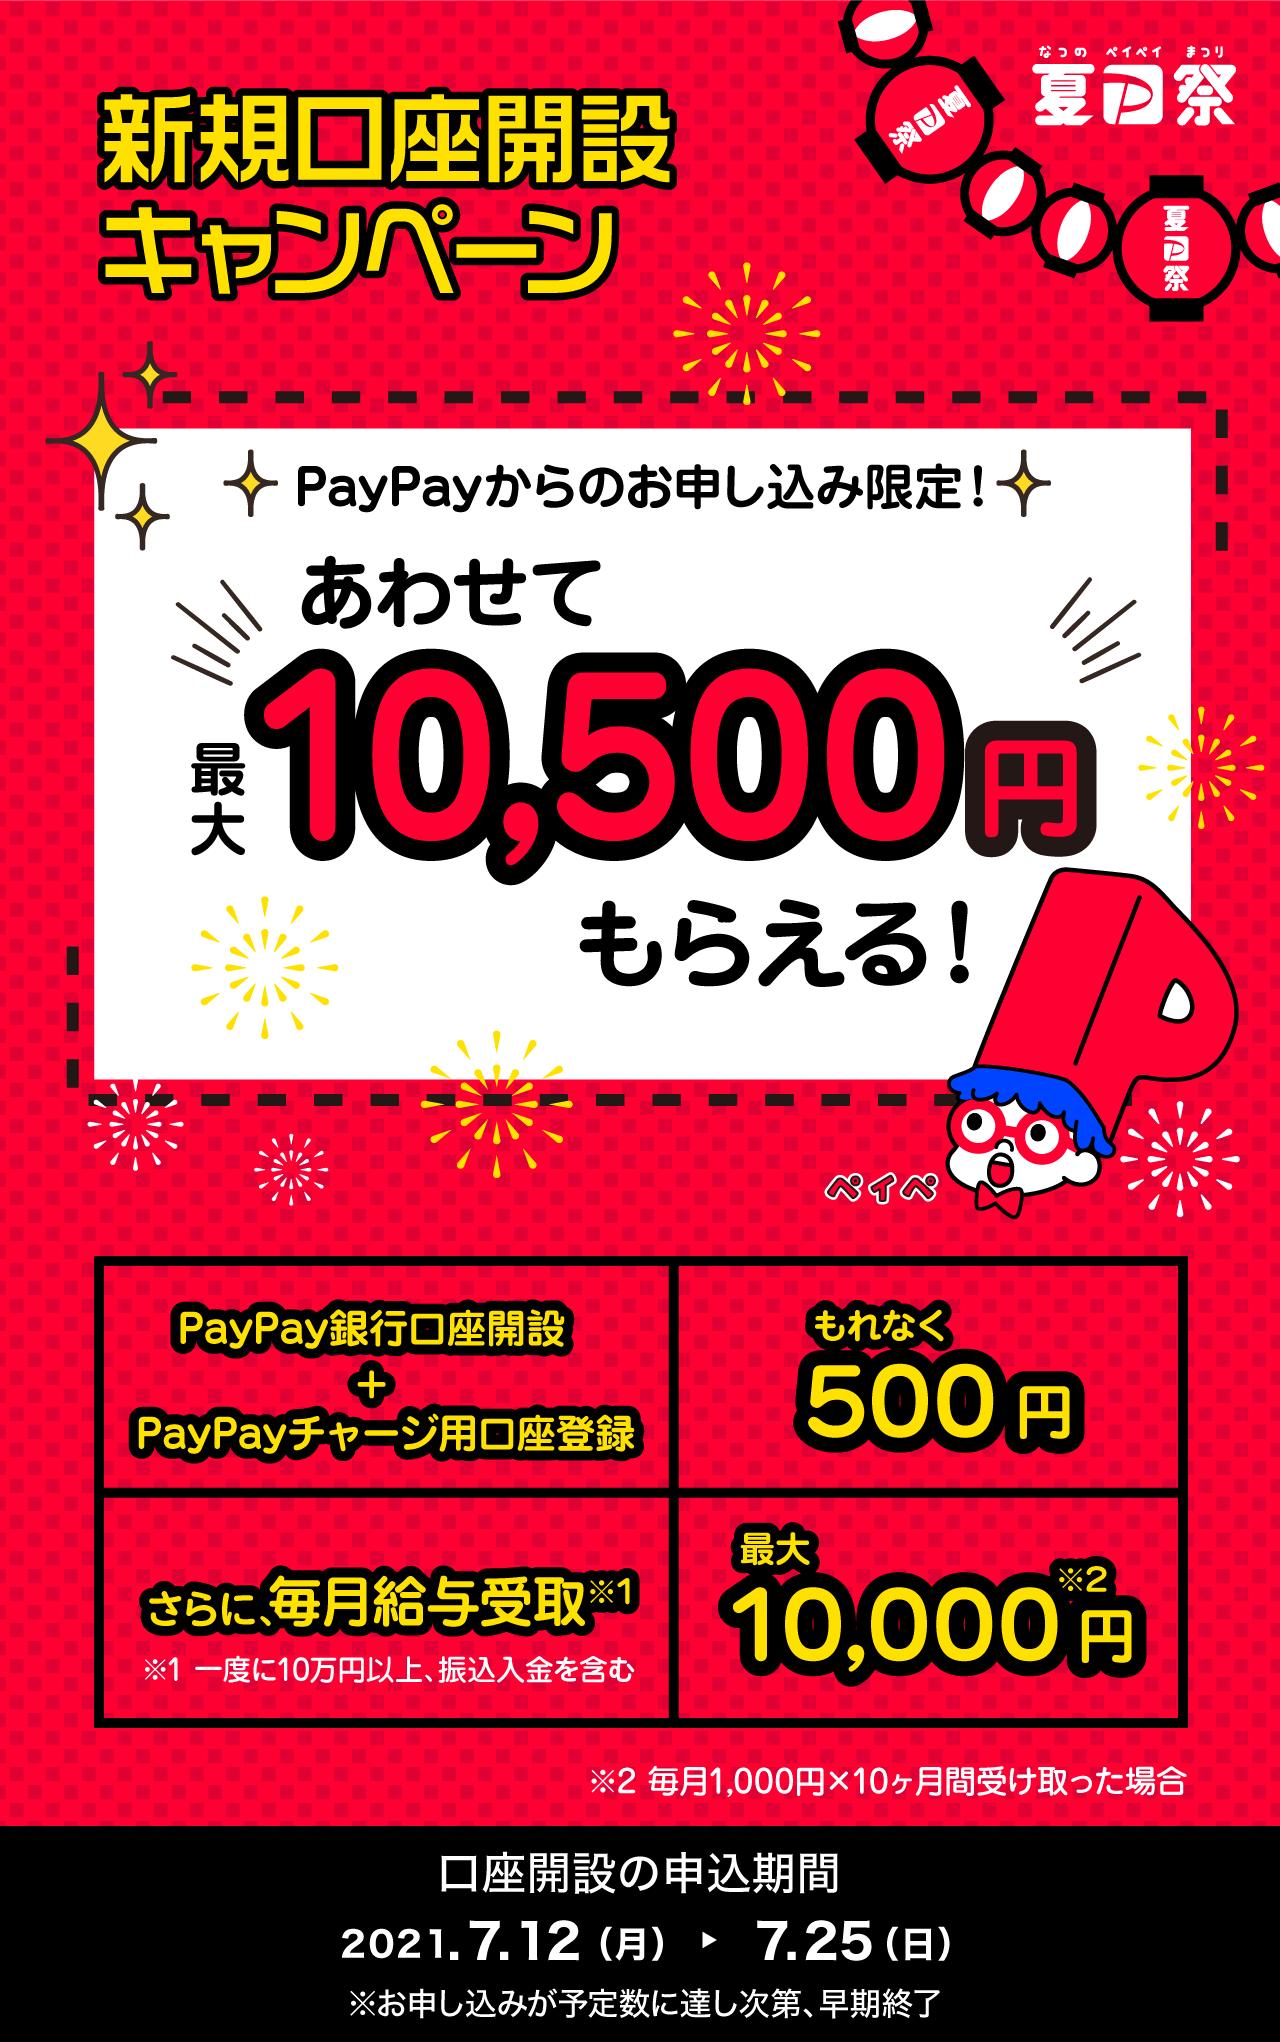 PayPay銀行新規開設で500円、給料を受け取ると最大1万円が貰える。そのうち手取りがPayPayになりそう。~7/25。